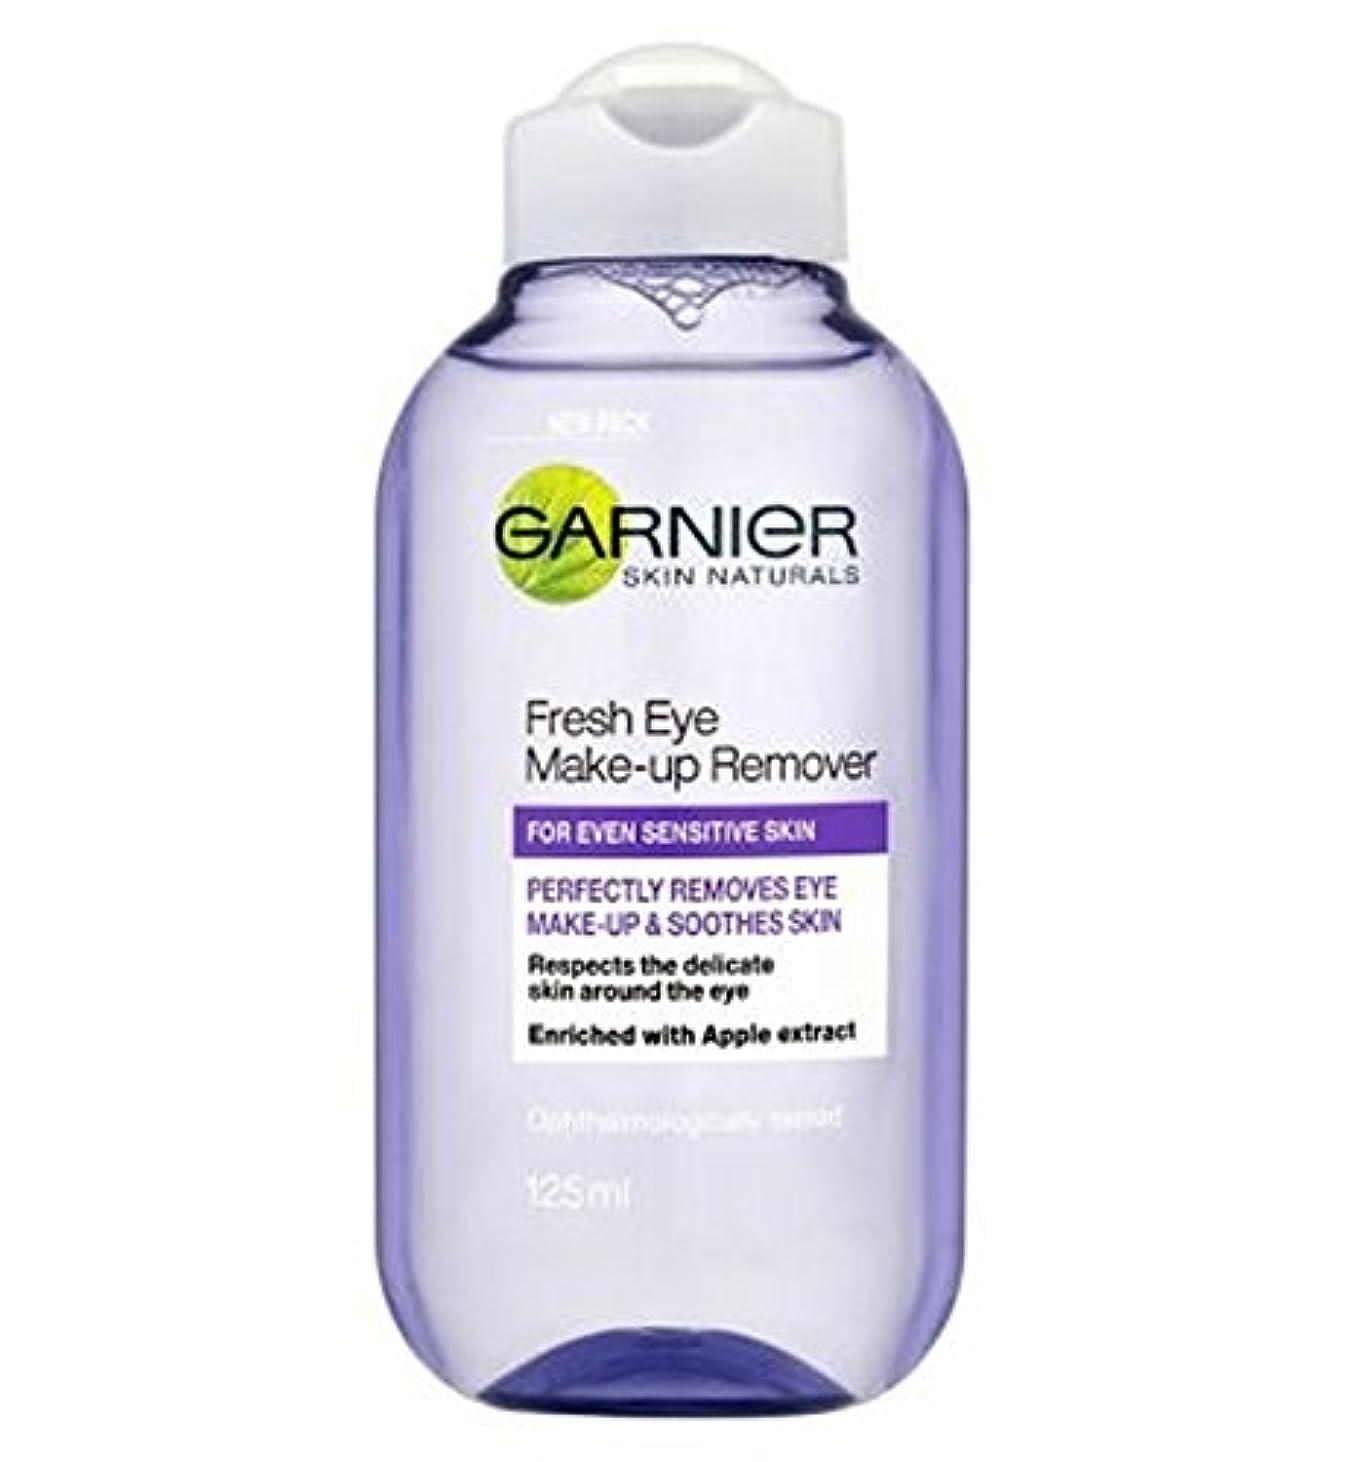 保護する既婚クレタガルニエ新鮮な目作るリムーバー125ミリリットル (Garnier) (x2) - Garnier Fresh Eye Make Up Remover 125ml (Pack of 2) [並行輸入品]